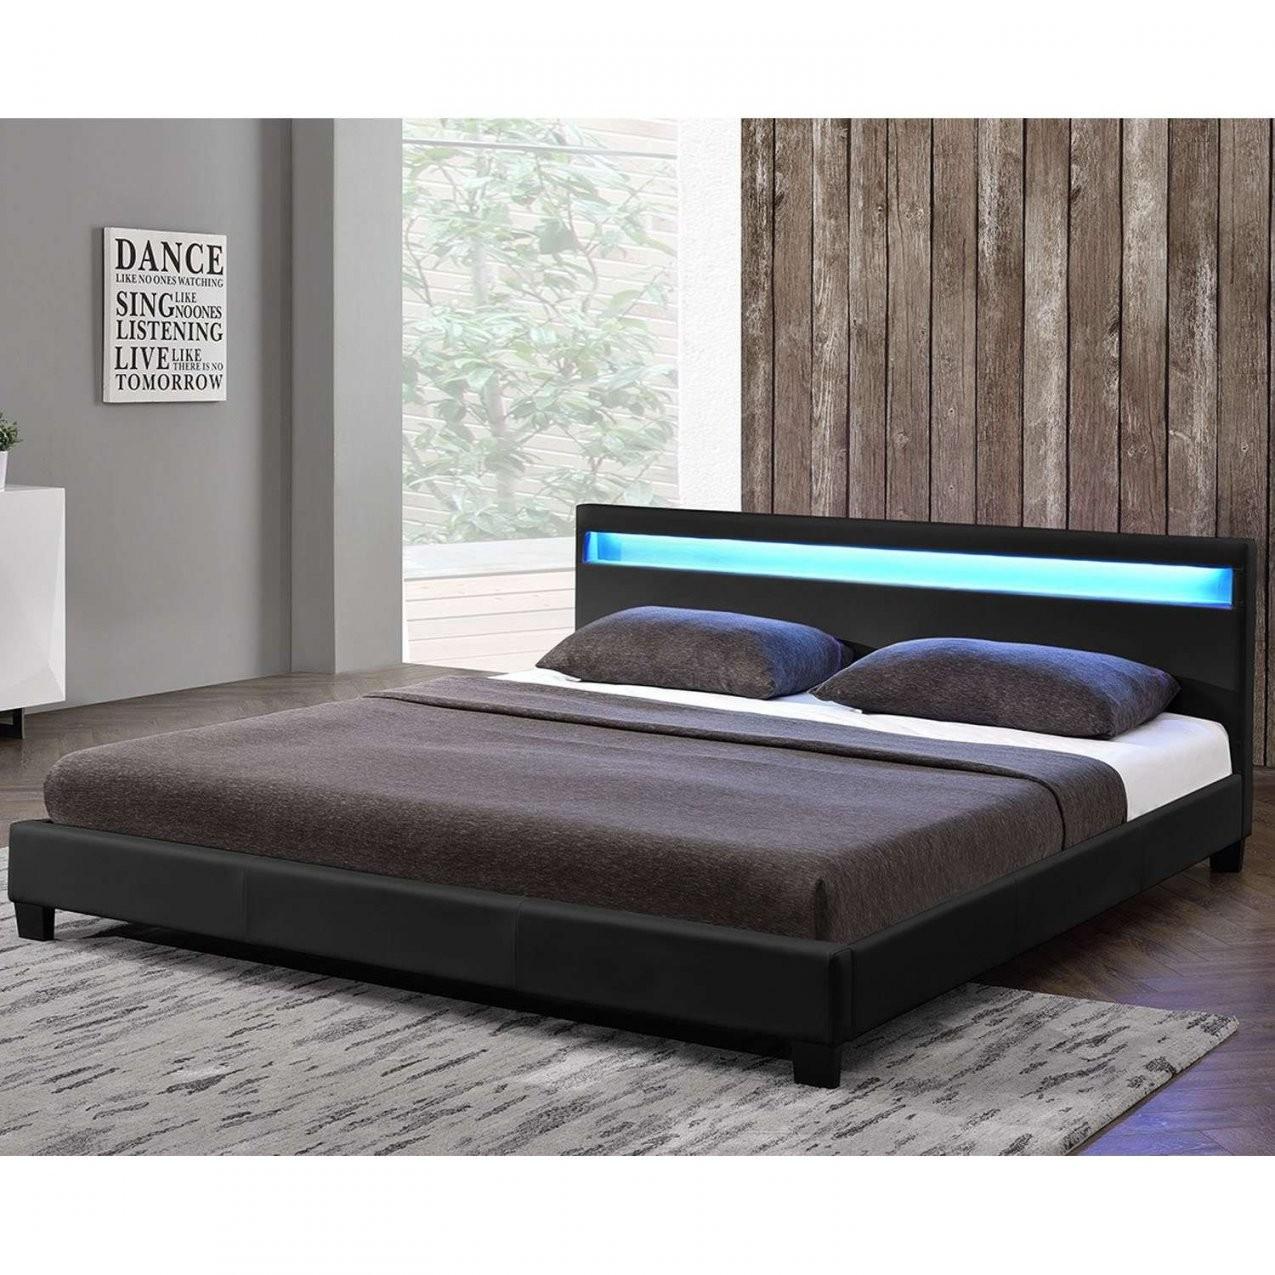 Bett Inkl Matratze Und Lattenrost Elegant Futonbett 140—200 Mit von Bett Inklusive Lattenrost Und Matratze Photo